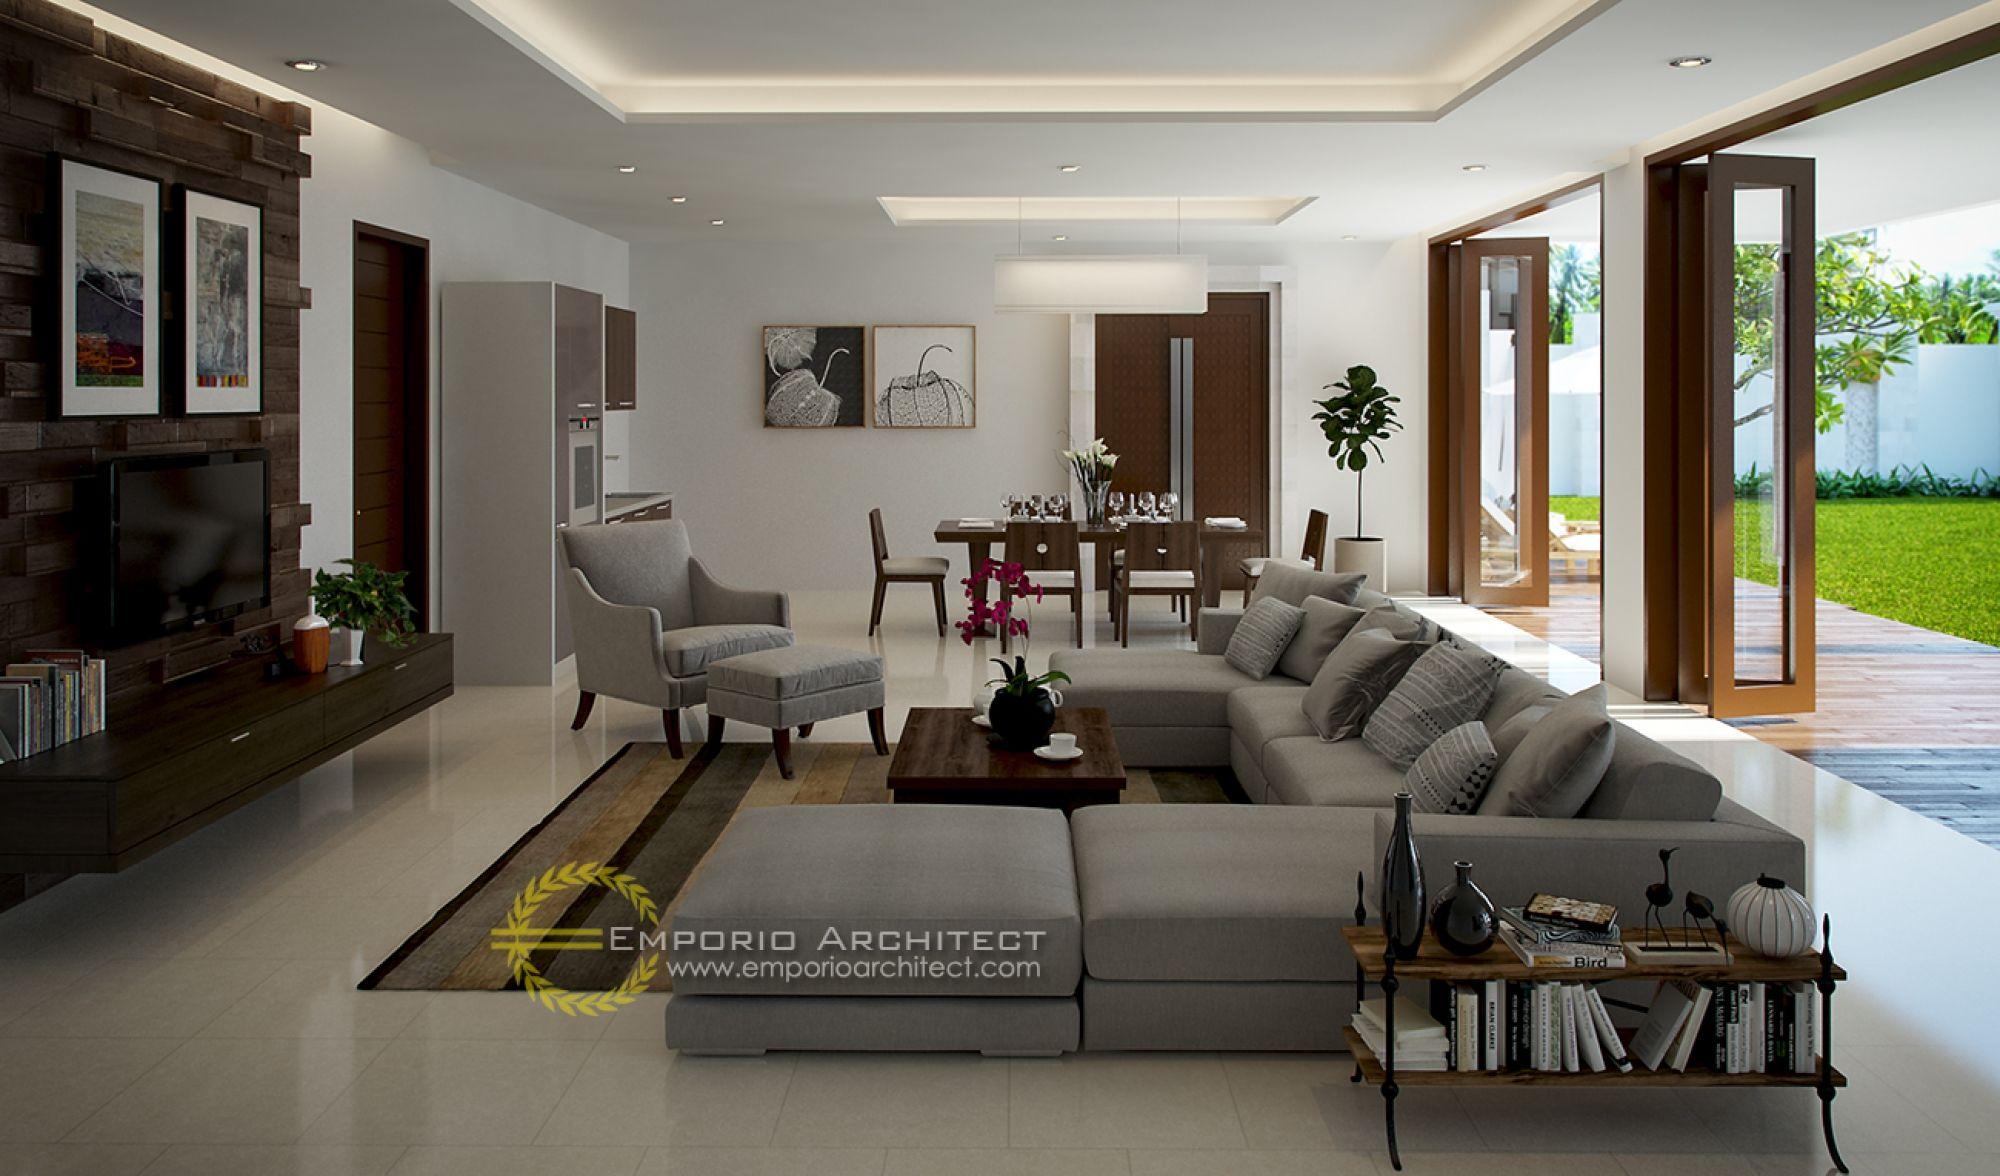 Jasa Desain Interior Villa - Living Room #desaininterior #desaininteriorrumah #jasainterior #jasadesaininterior #interiorrumah #jasainteriorrumah #interiorrumahminimalis #interiorrumahmodern